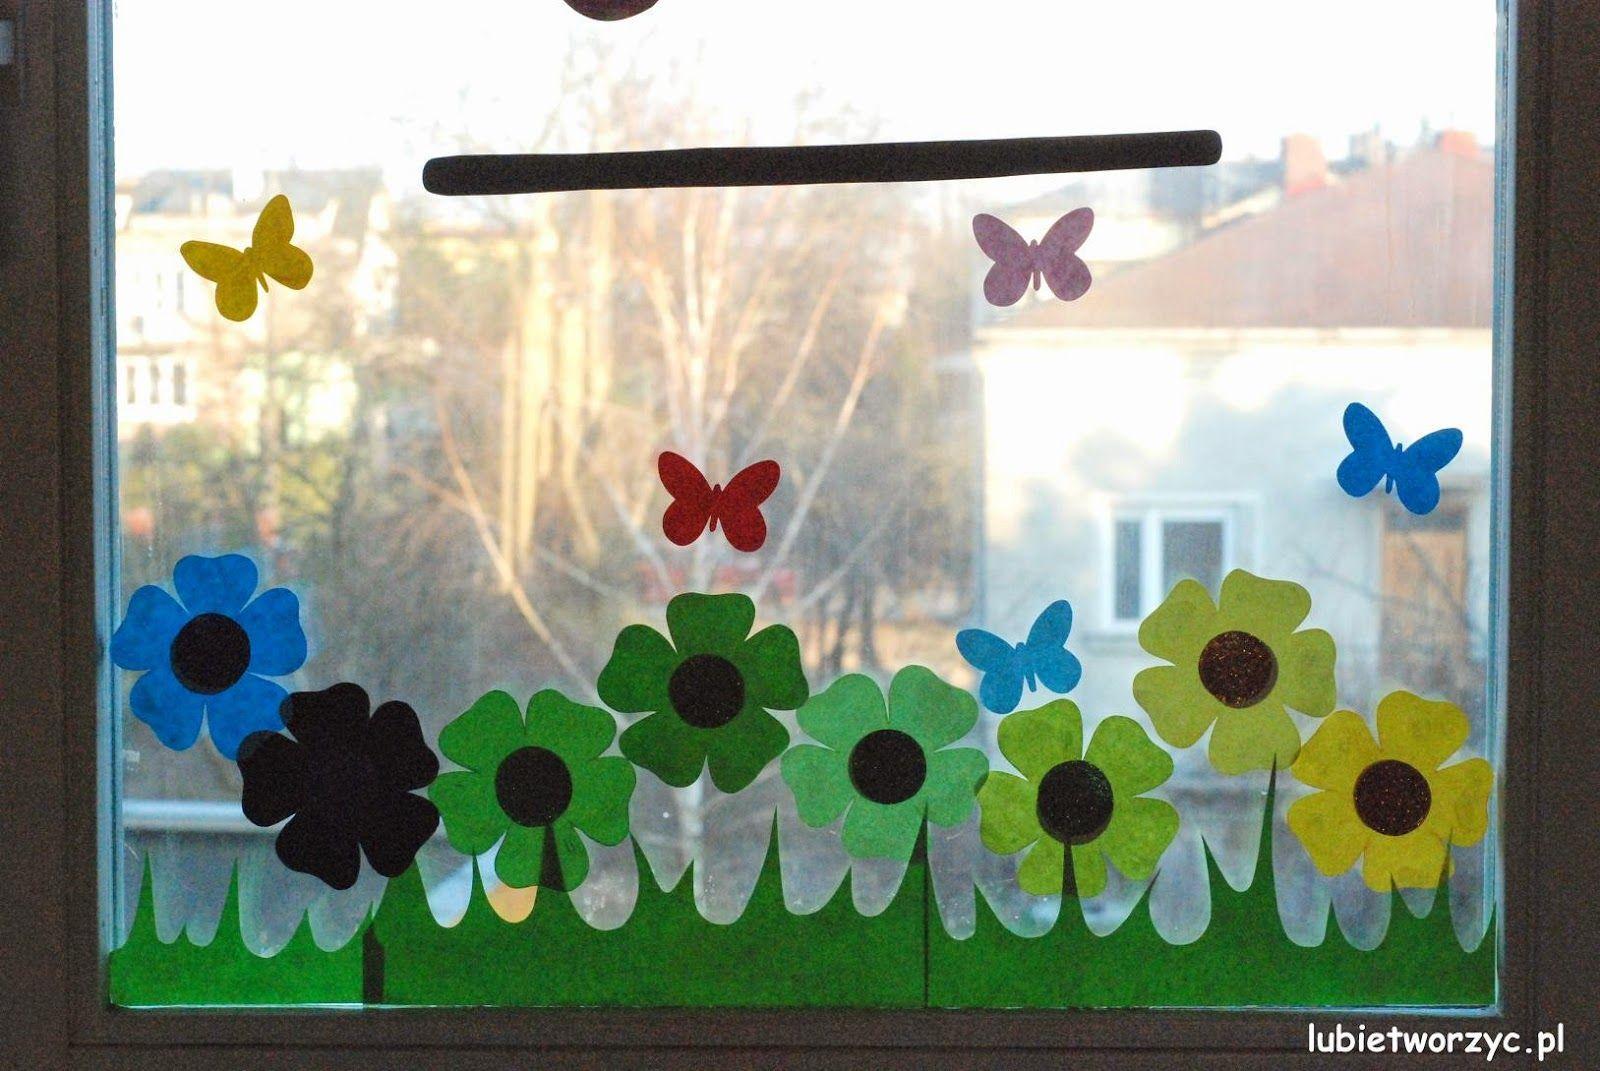 Pociag I Laka Czyli Wiosenna Dekoracja Okienna Classroom Window Decorations Spring Crafts For Kids School Decorations